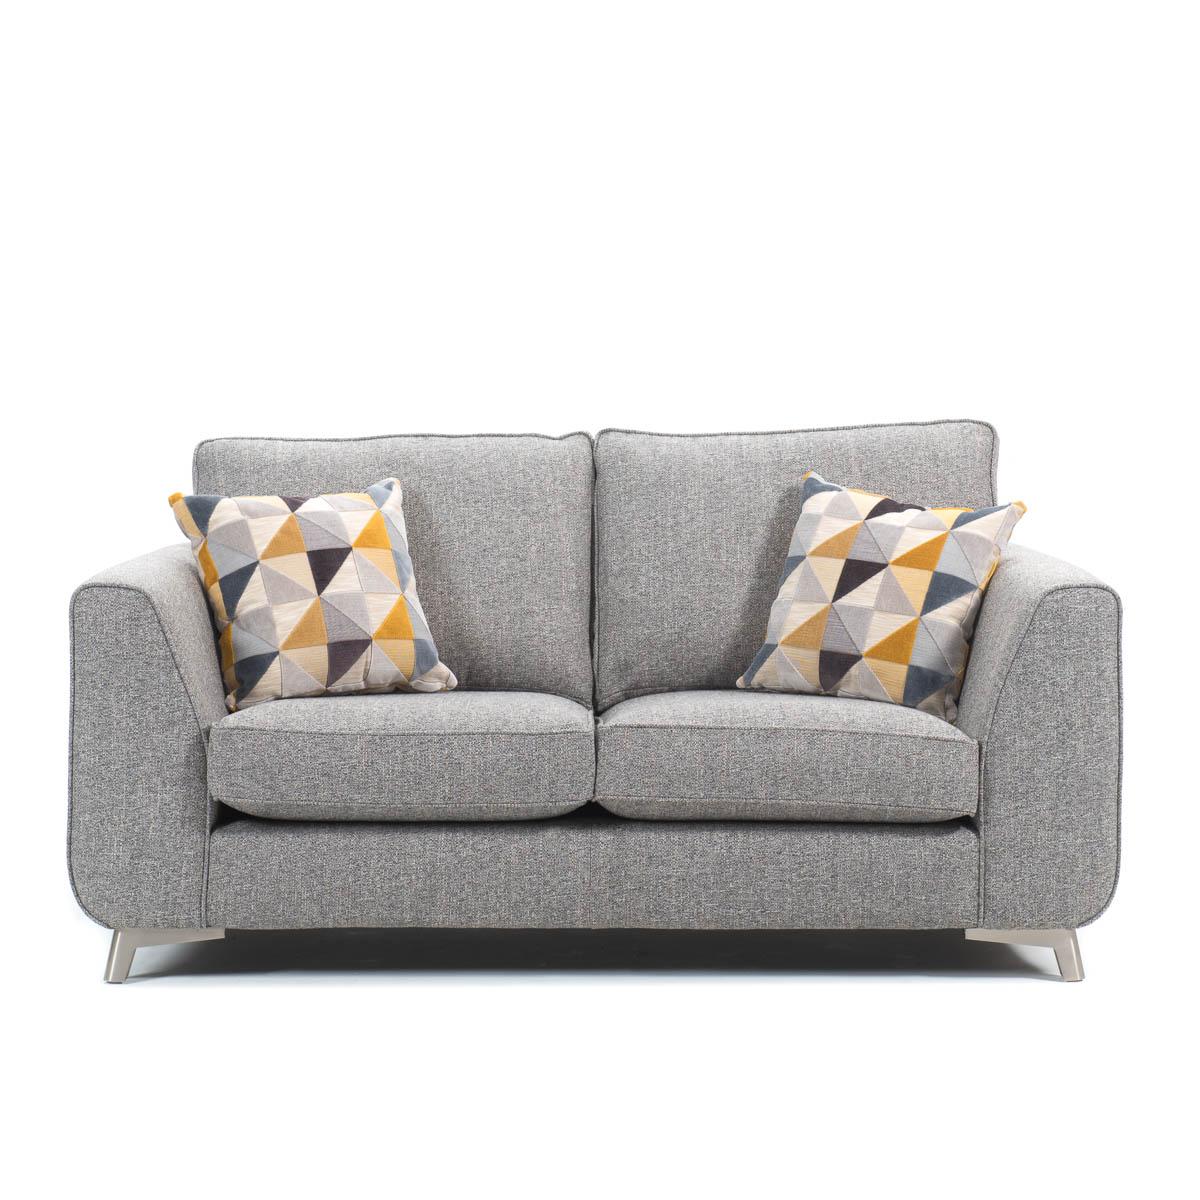 Bromyard 2 Seater Sofa Grade B